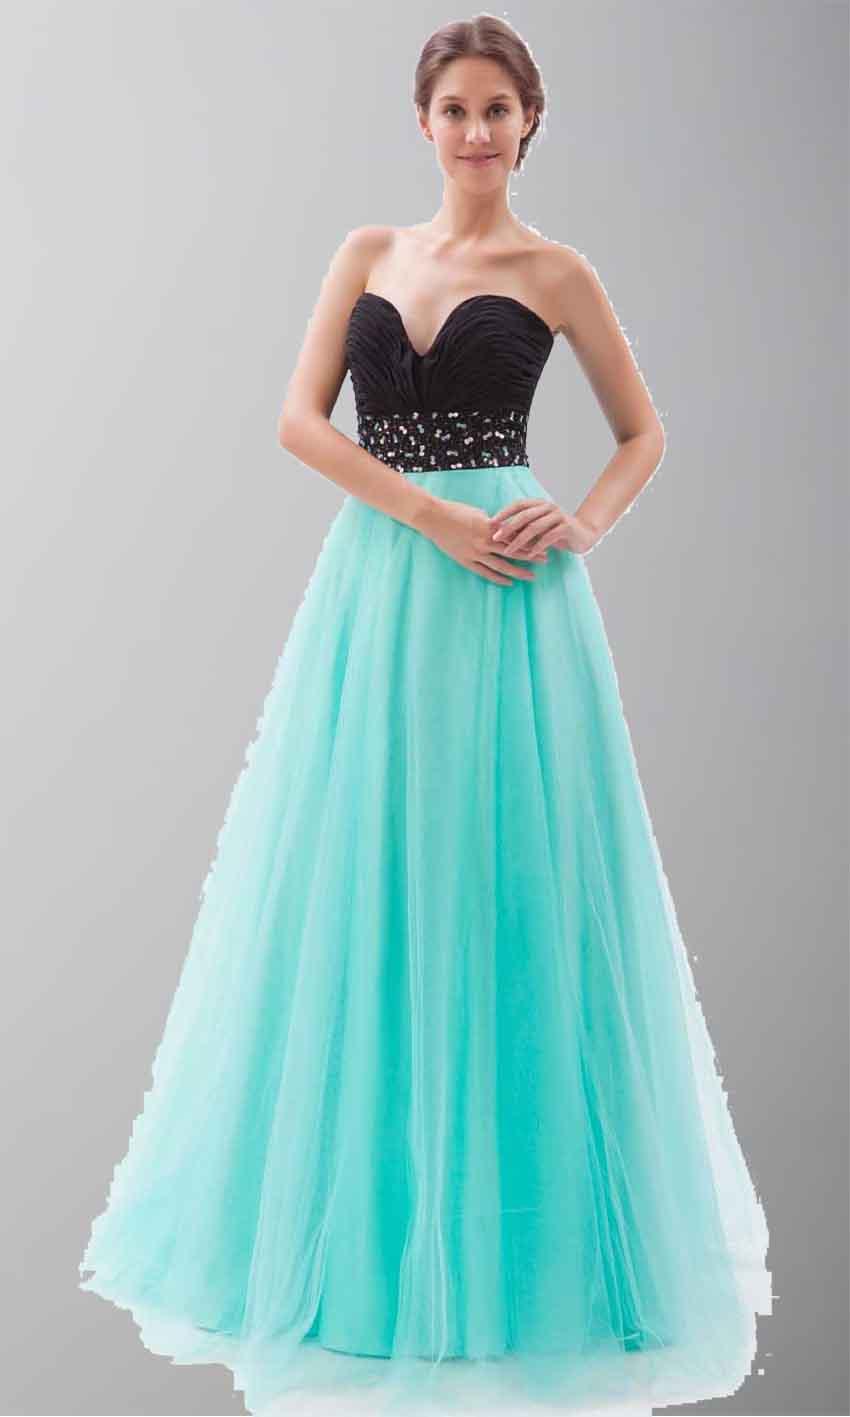 Black And Teal Soft Tulle Long Princess Prom Dresses KSP264 [KSP264 ...